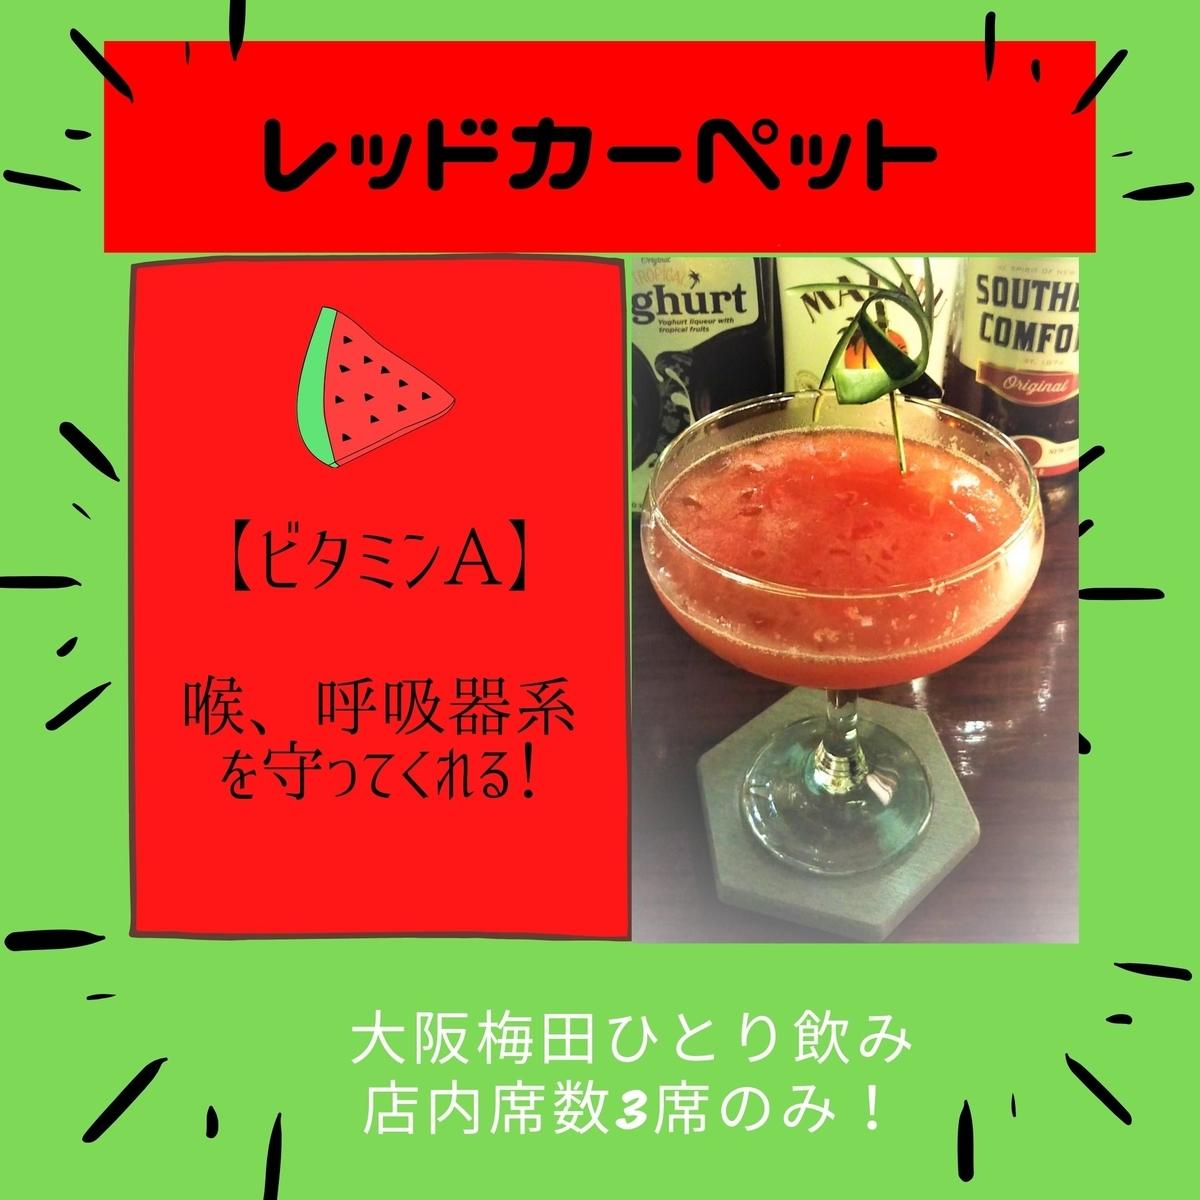 ダイエット効果すいかカクテル、コアントローベースのすいかカクテル、大阪梅田昼飲みアローンカフェバー運